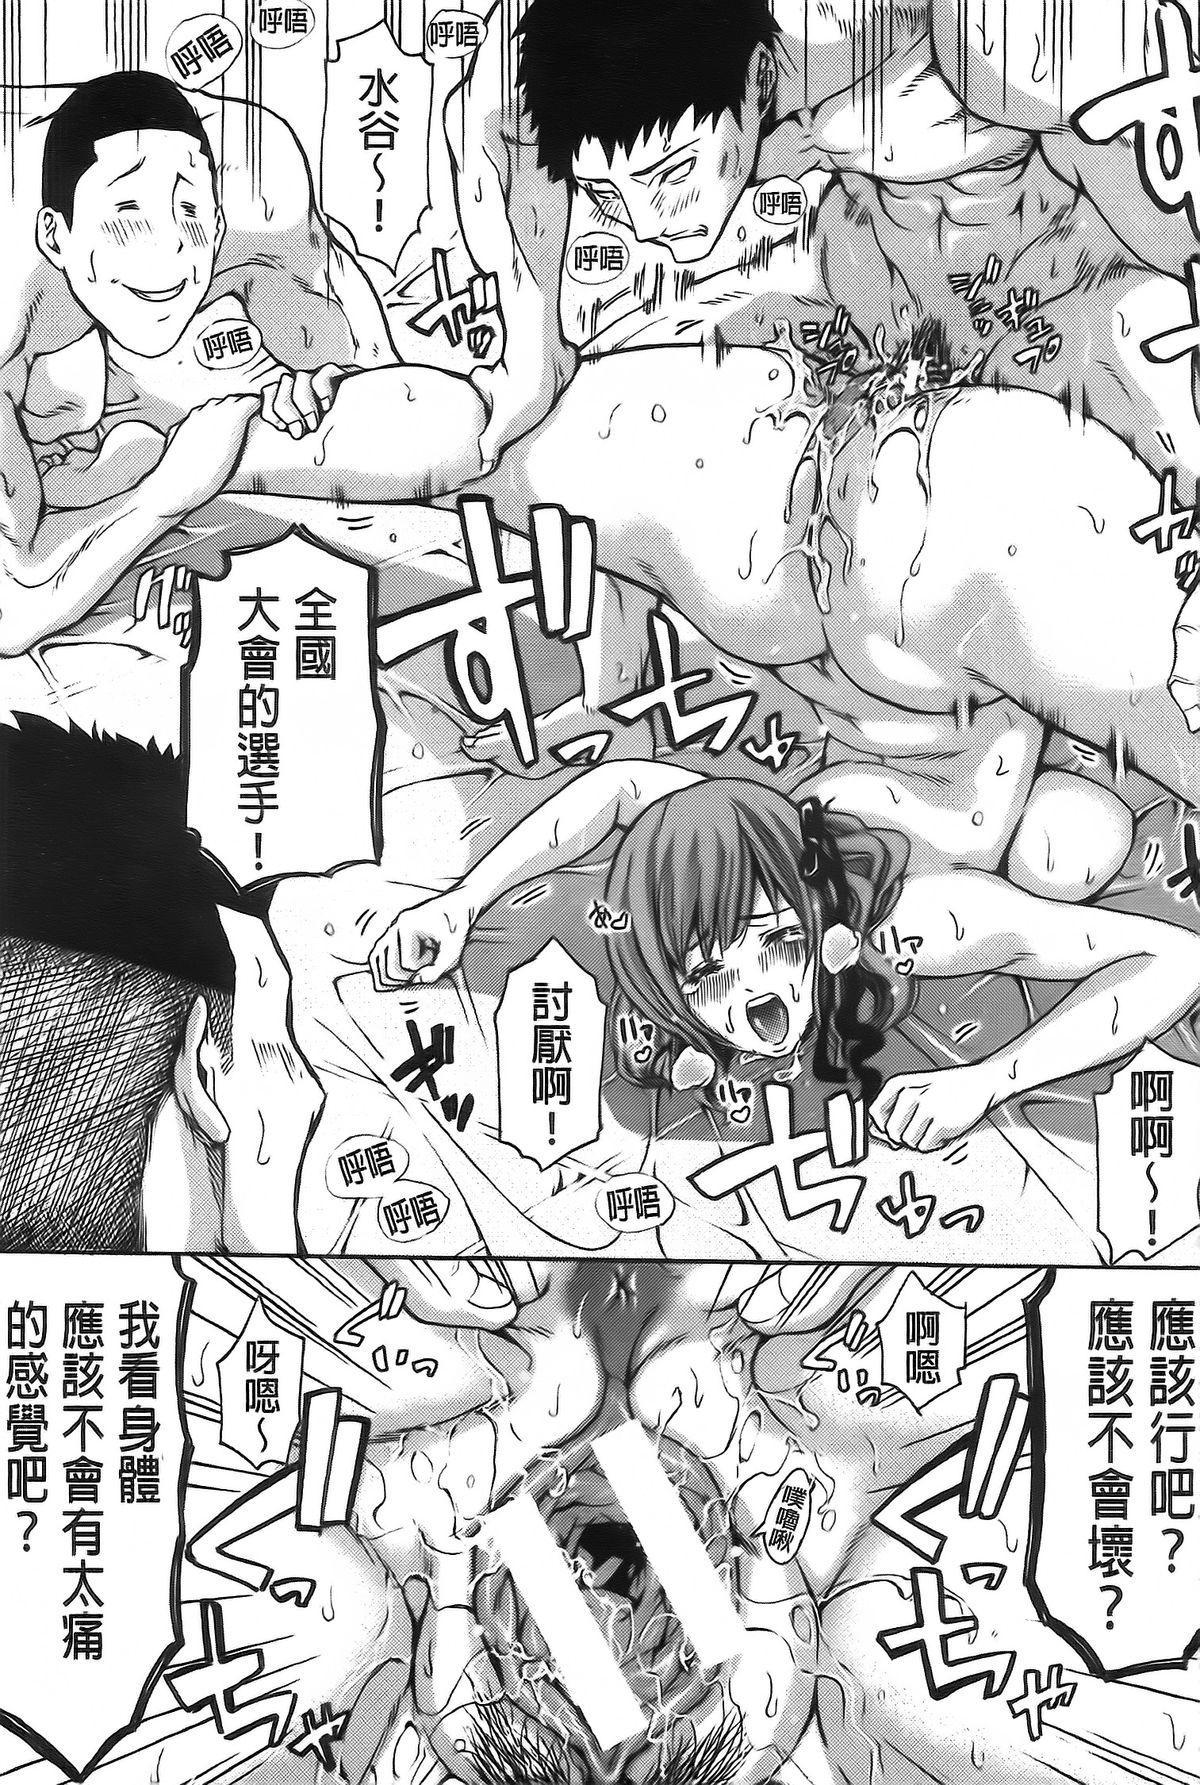 Bukatsu shoujo to amai ase 188